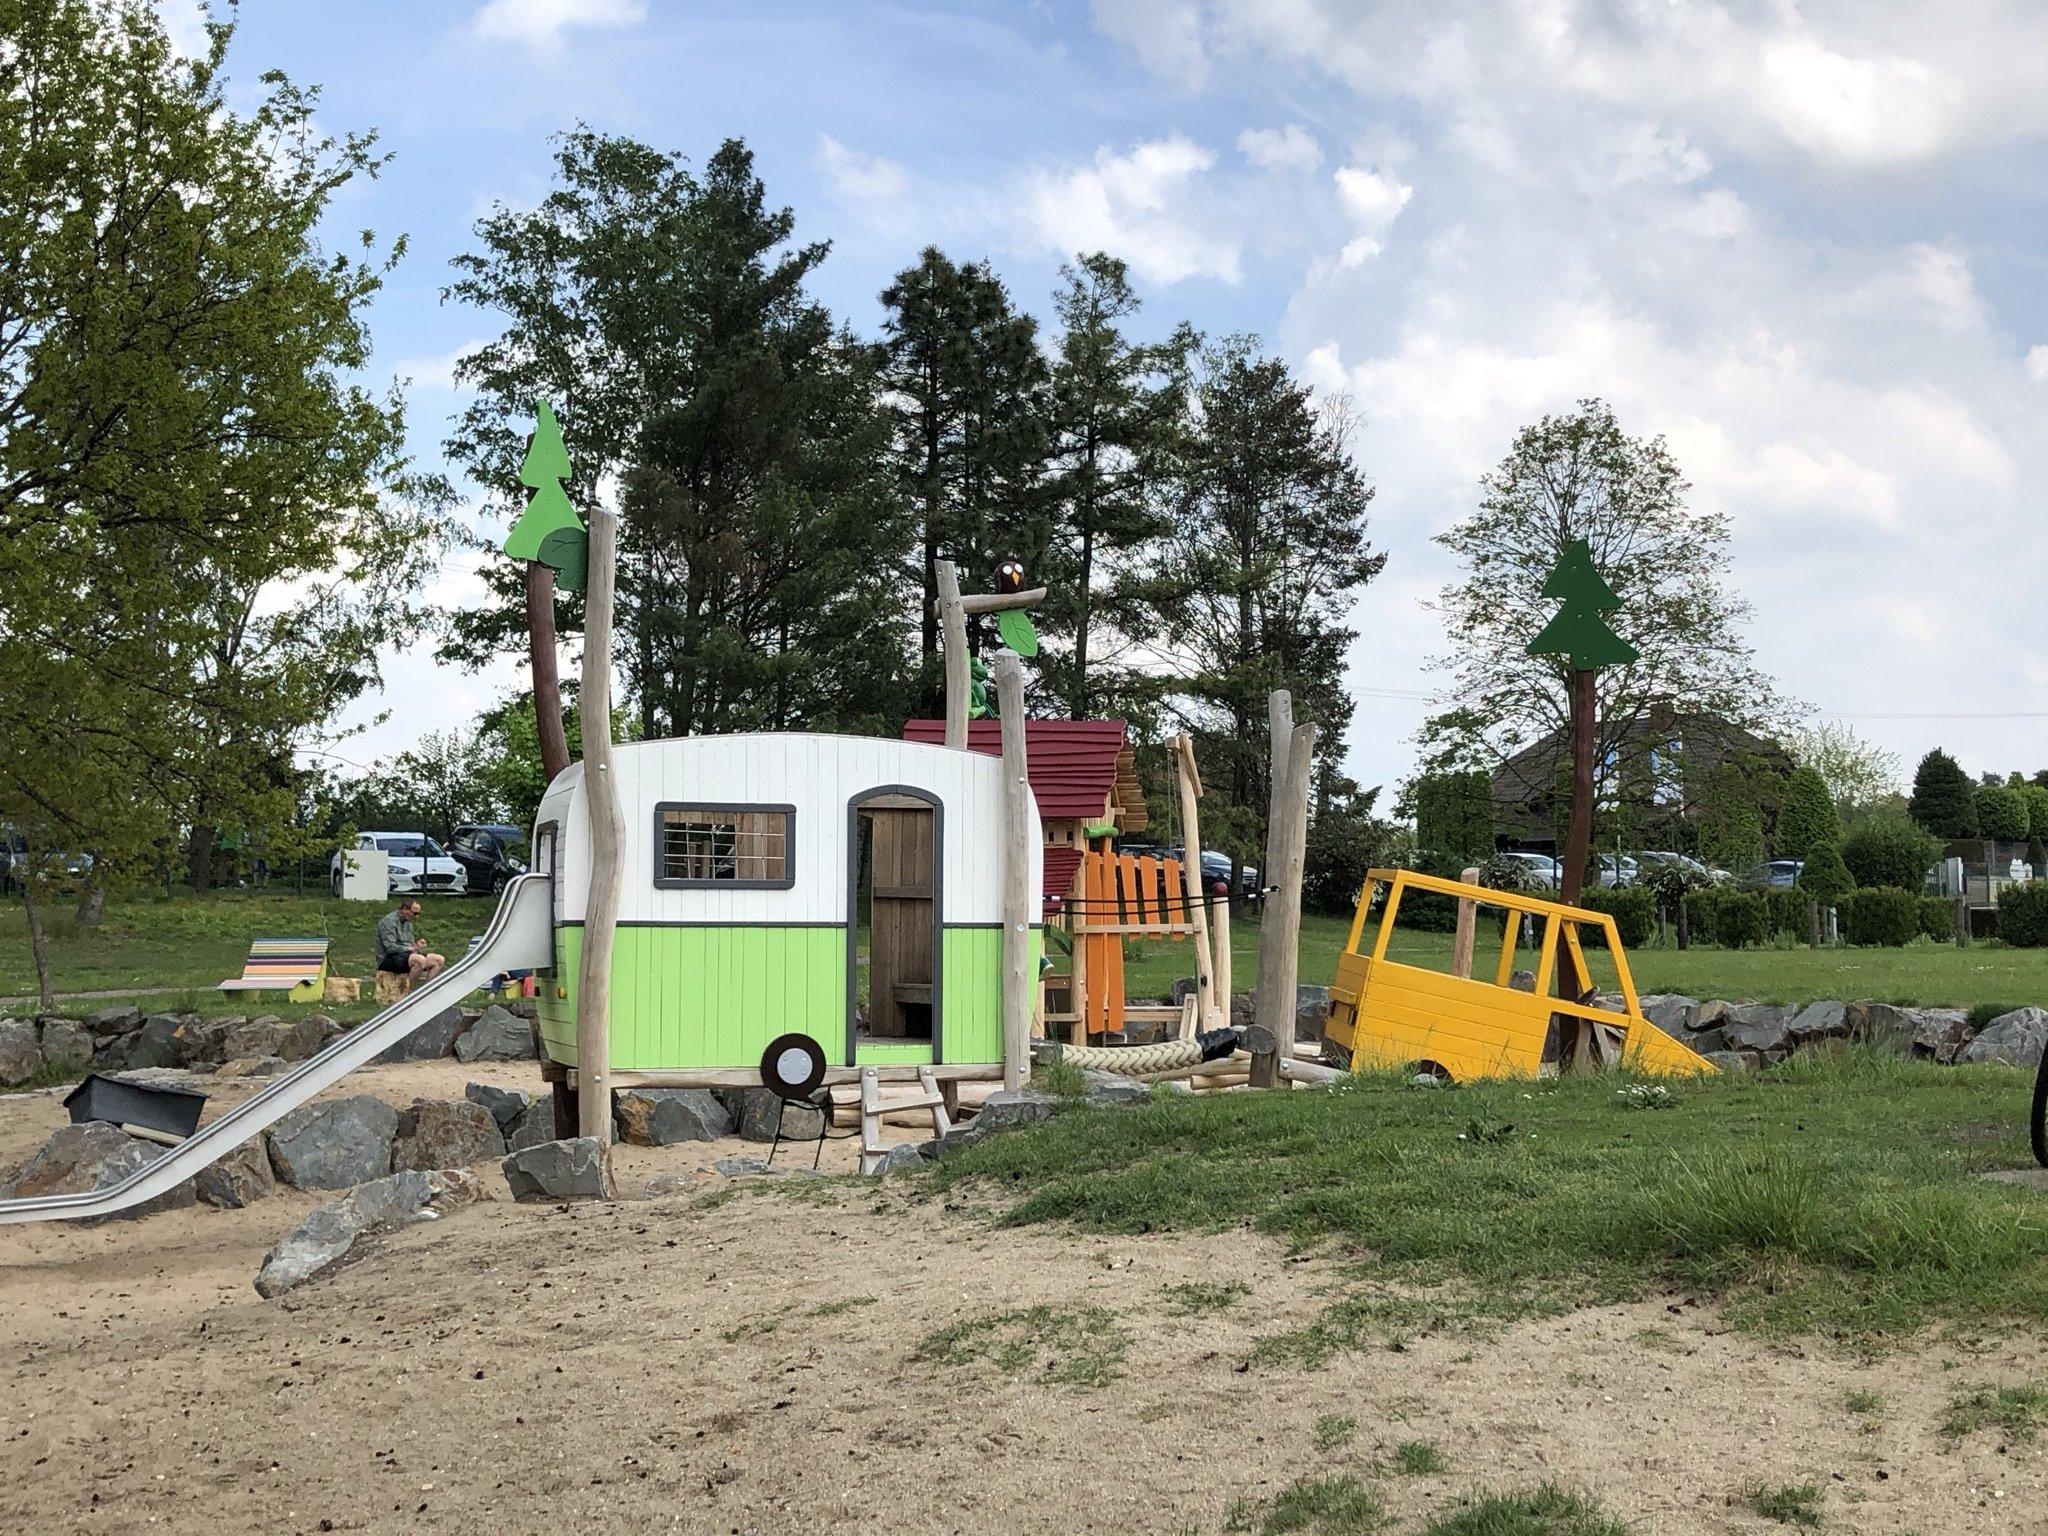 Neuer Spielplatz Dingdener Heide